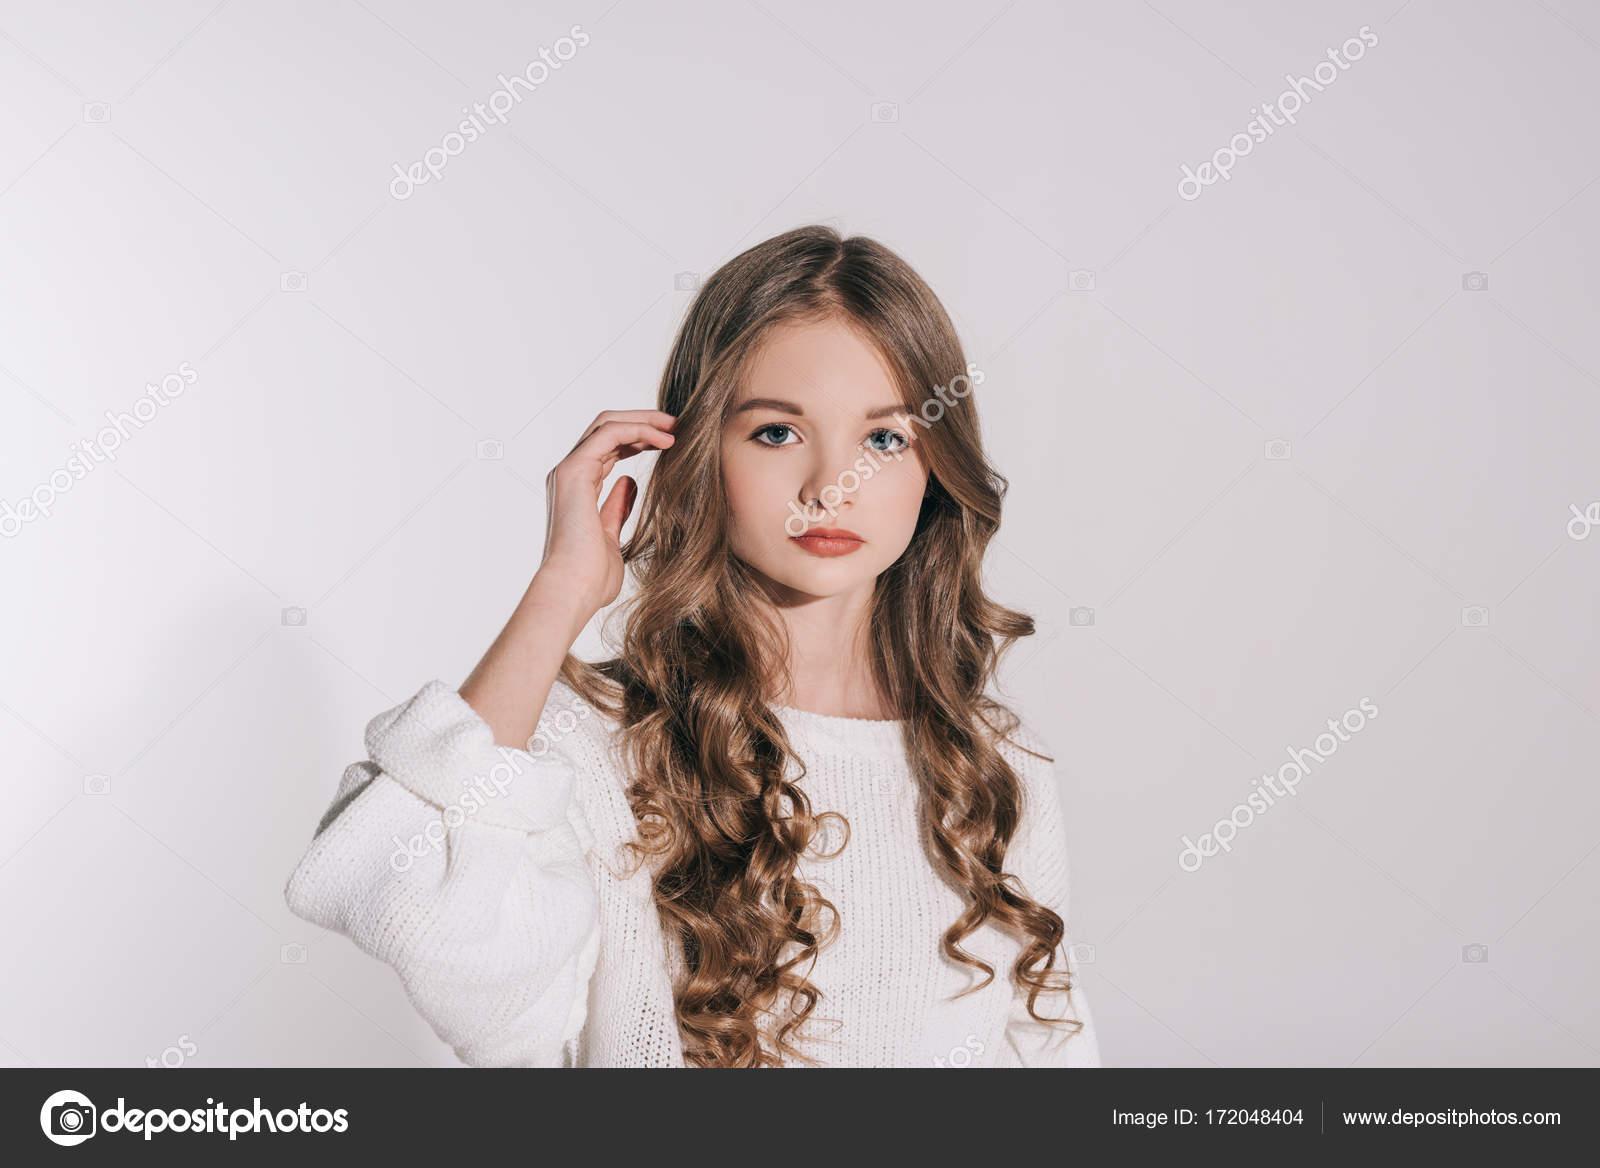 Έφηβοι φωτογραφία